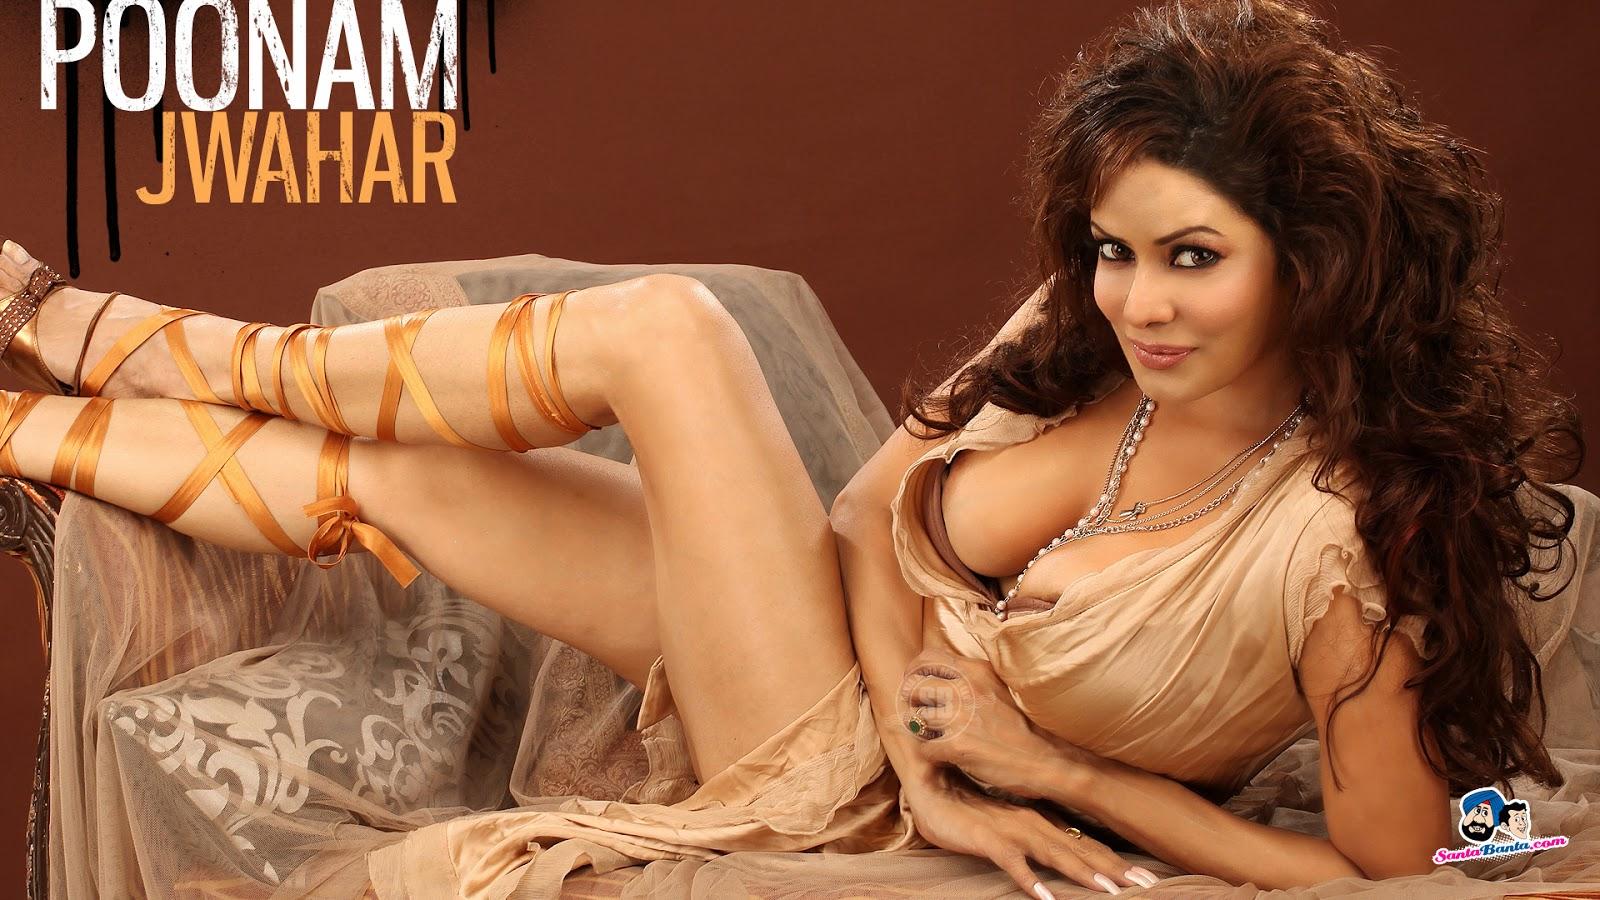 Poonam Jhavar's Areola/Nipple show